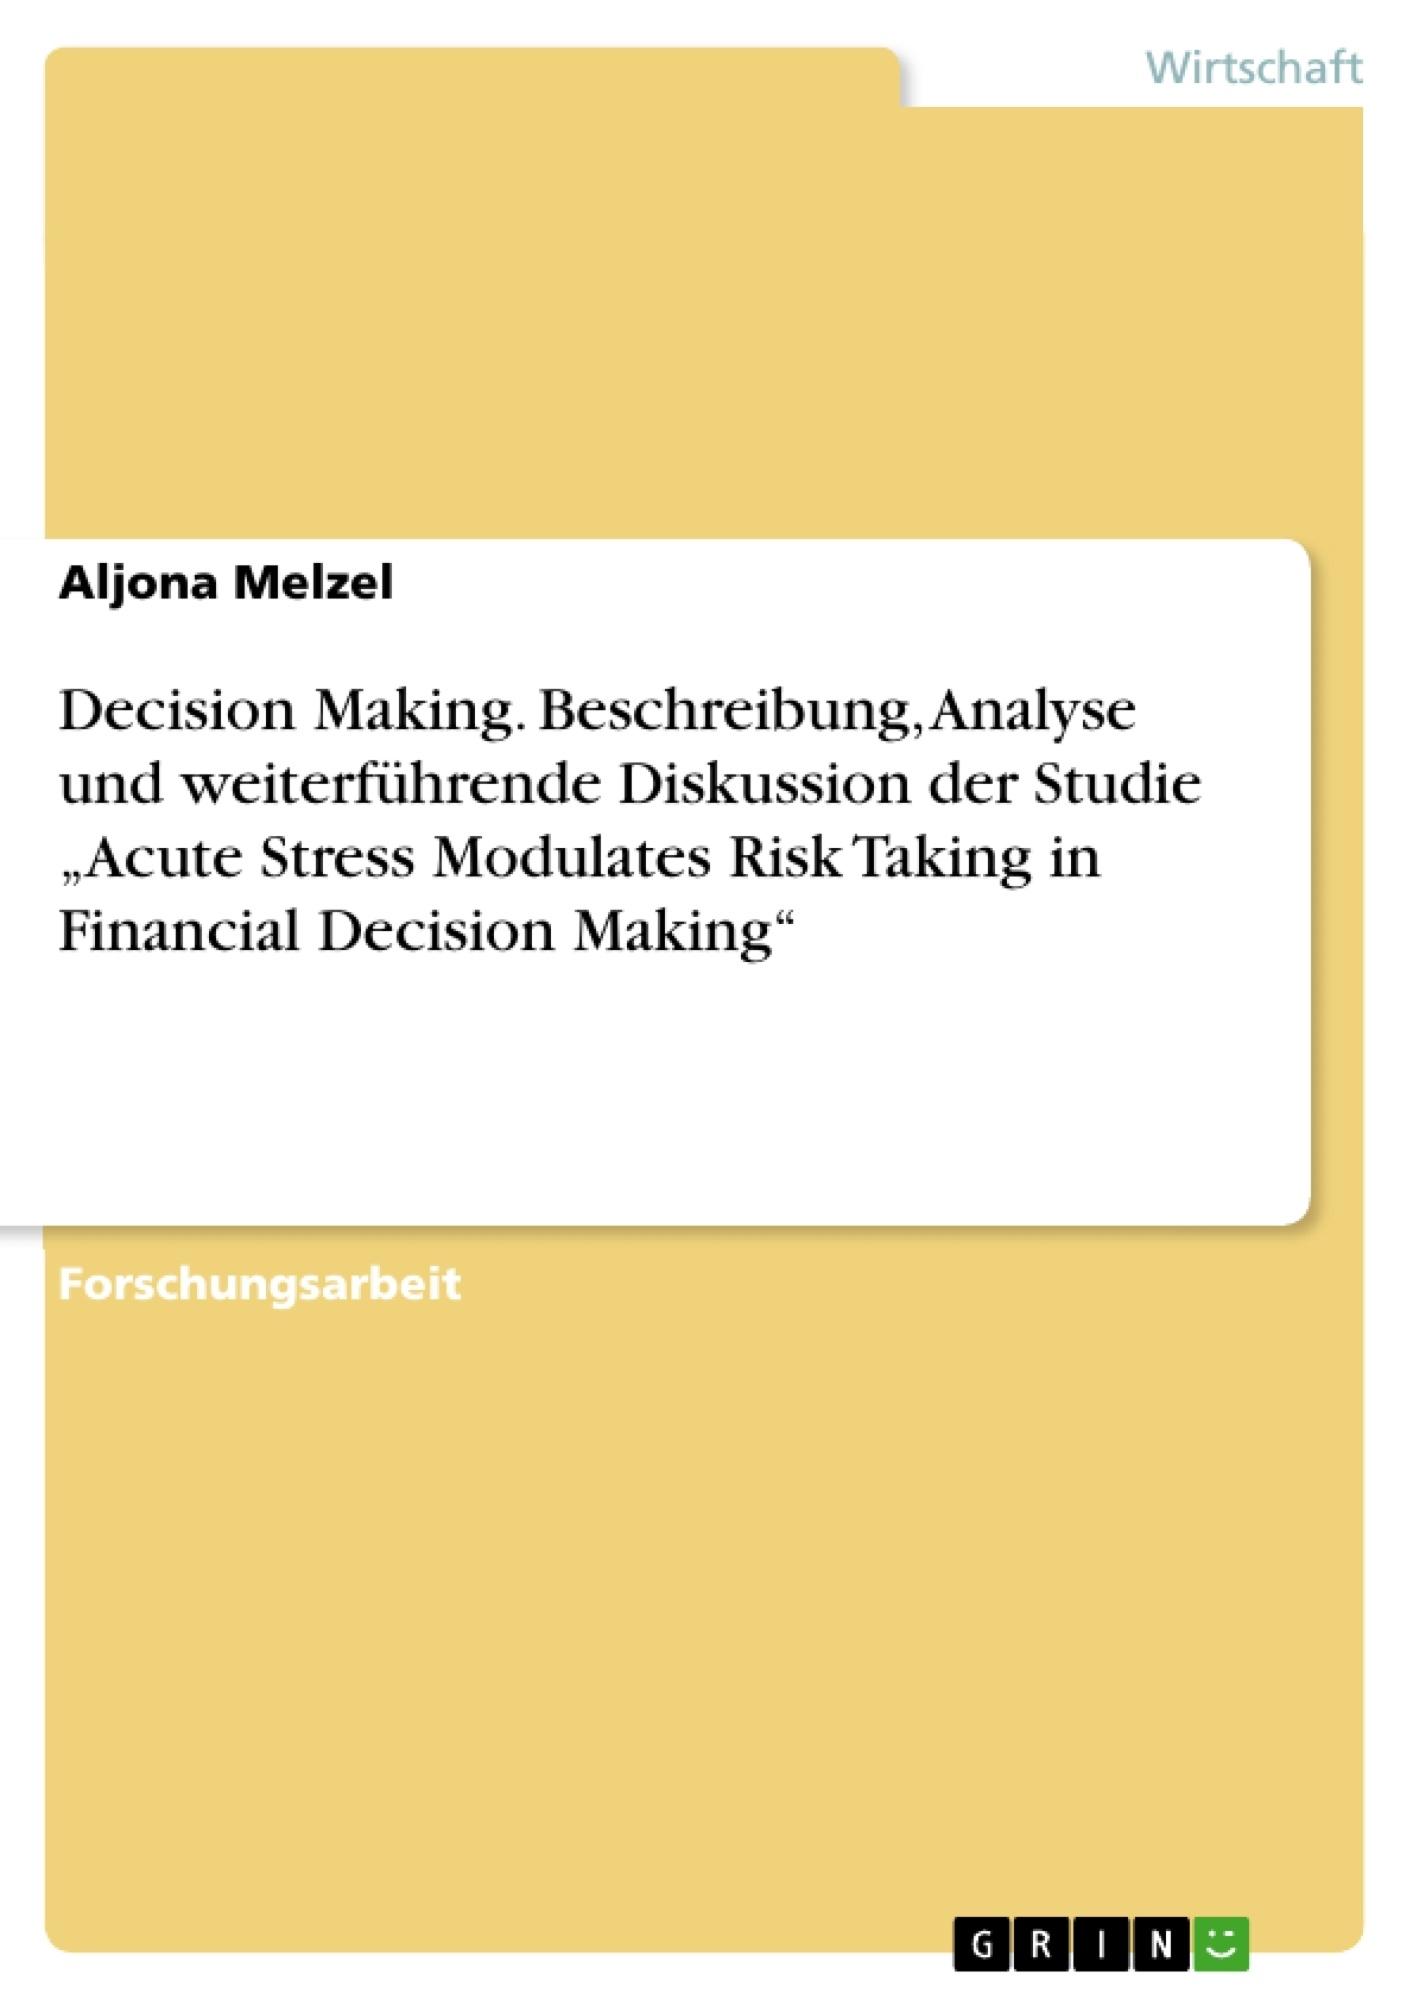 """Titel: Decision Making. Beschreibung, Analyse und weiterführende Diskussion der Studie """"Acute Stress Modulates Risk Taking in Financial Decision Making"""""""